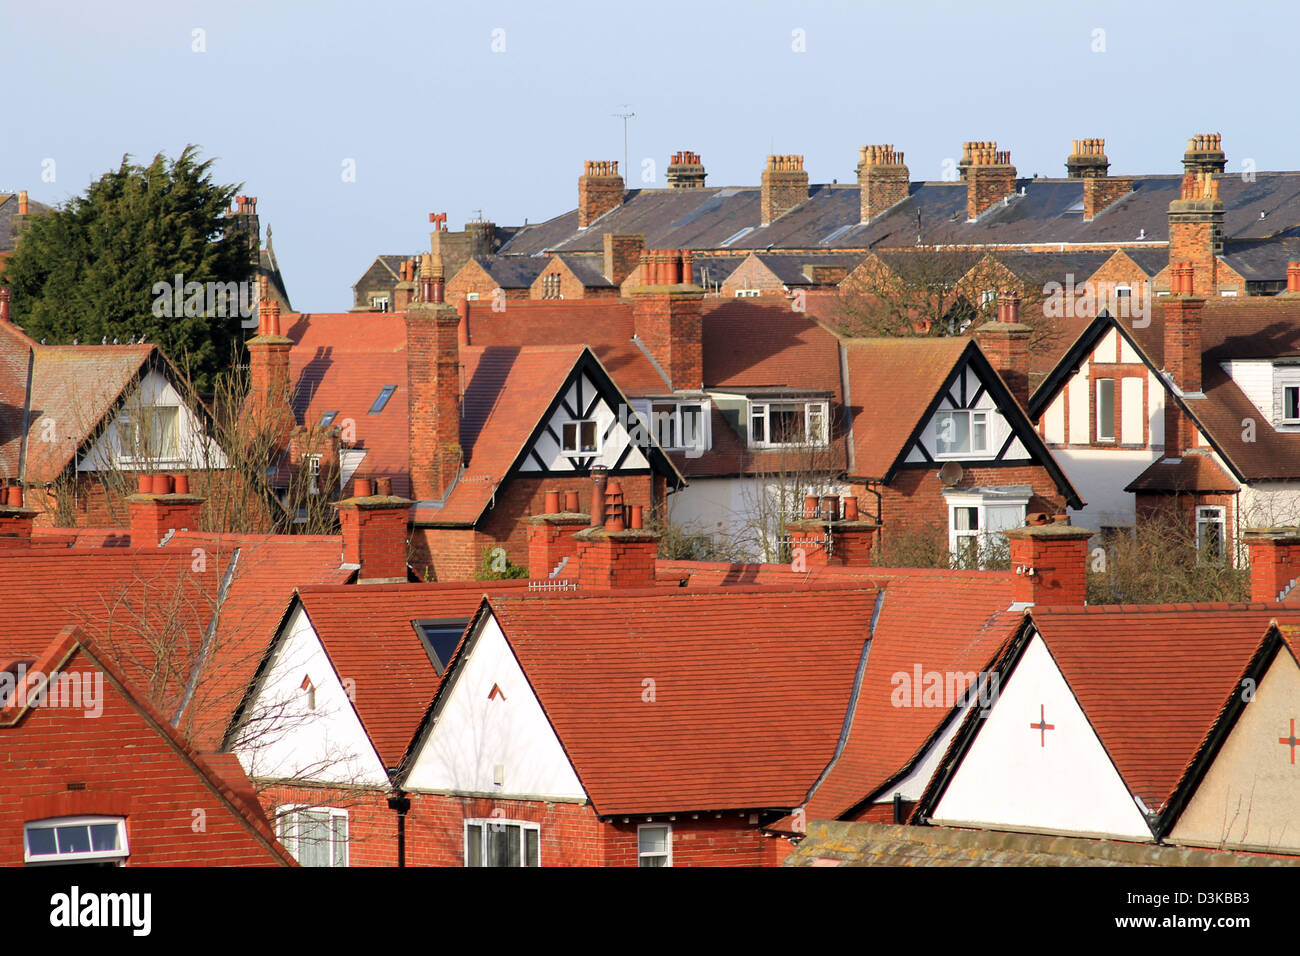 Toits de maisons et maisons de ville anglaise, Scarborough, Angleterre. Photo Stock